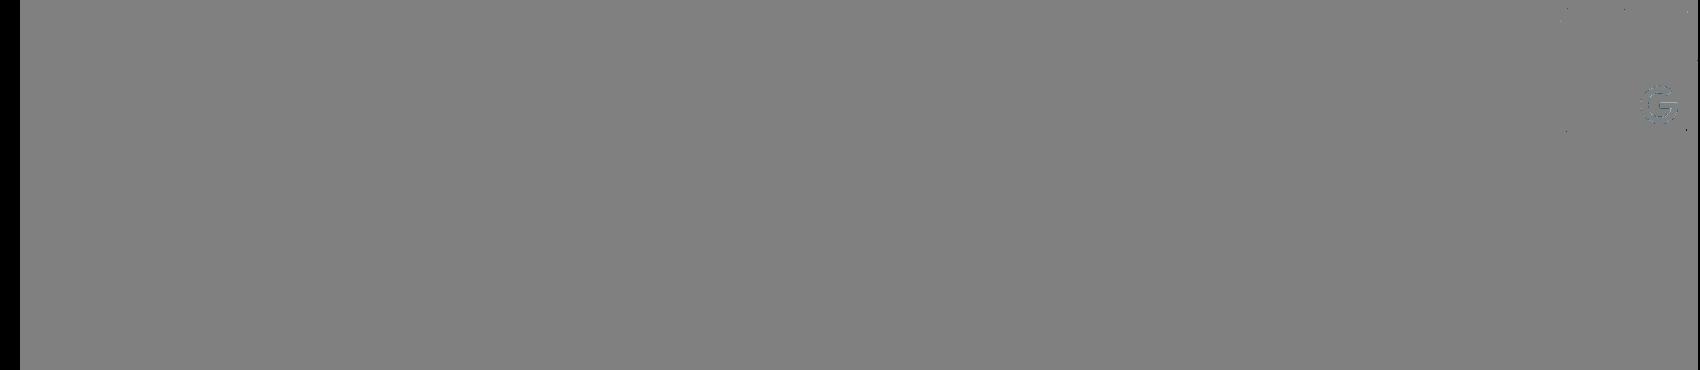 9 social